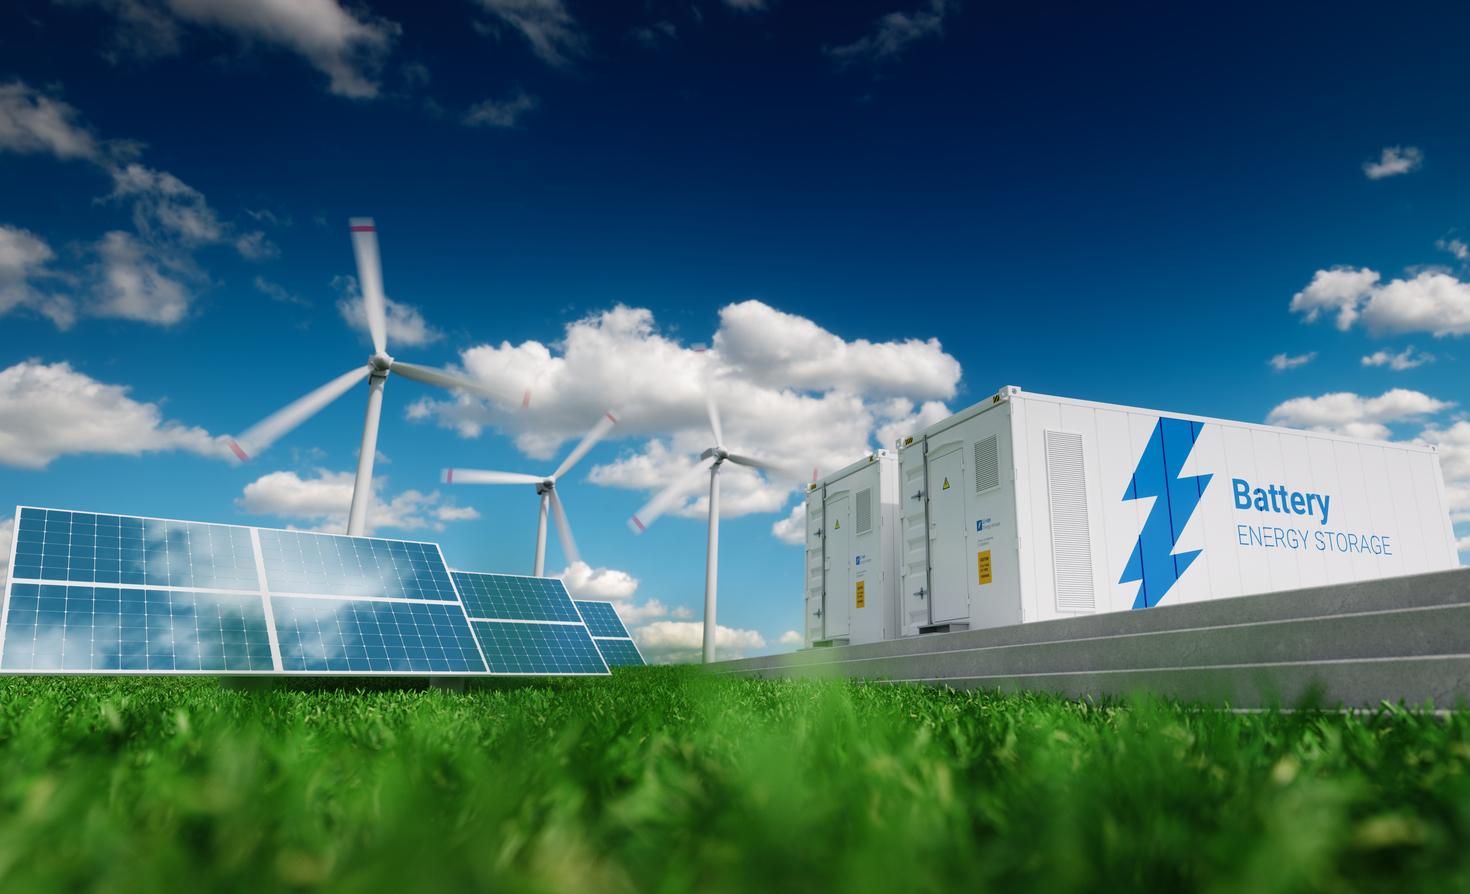 https://www.ixbt.com/news/2020/10/29/vse-potrebnosti-v-jelektrojenergii-mozhno-udovletvorit-za-schet-solnechnoj-vetrovoj-i-akkumuljatornoj-jenergii-uzhe-k.html